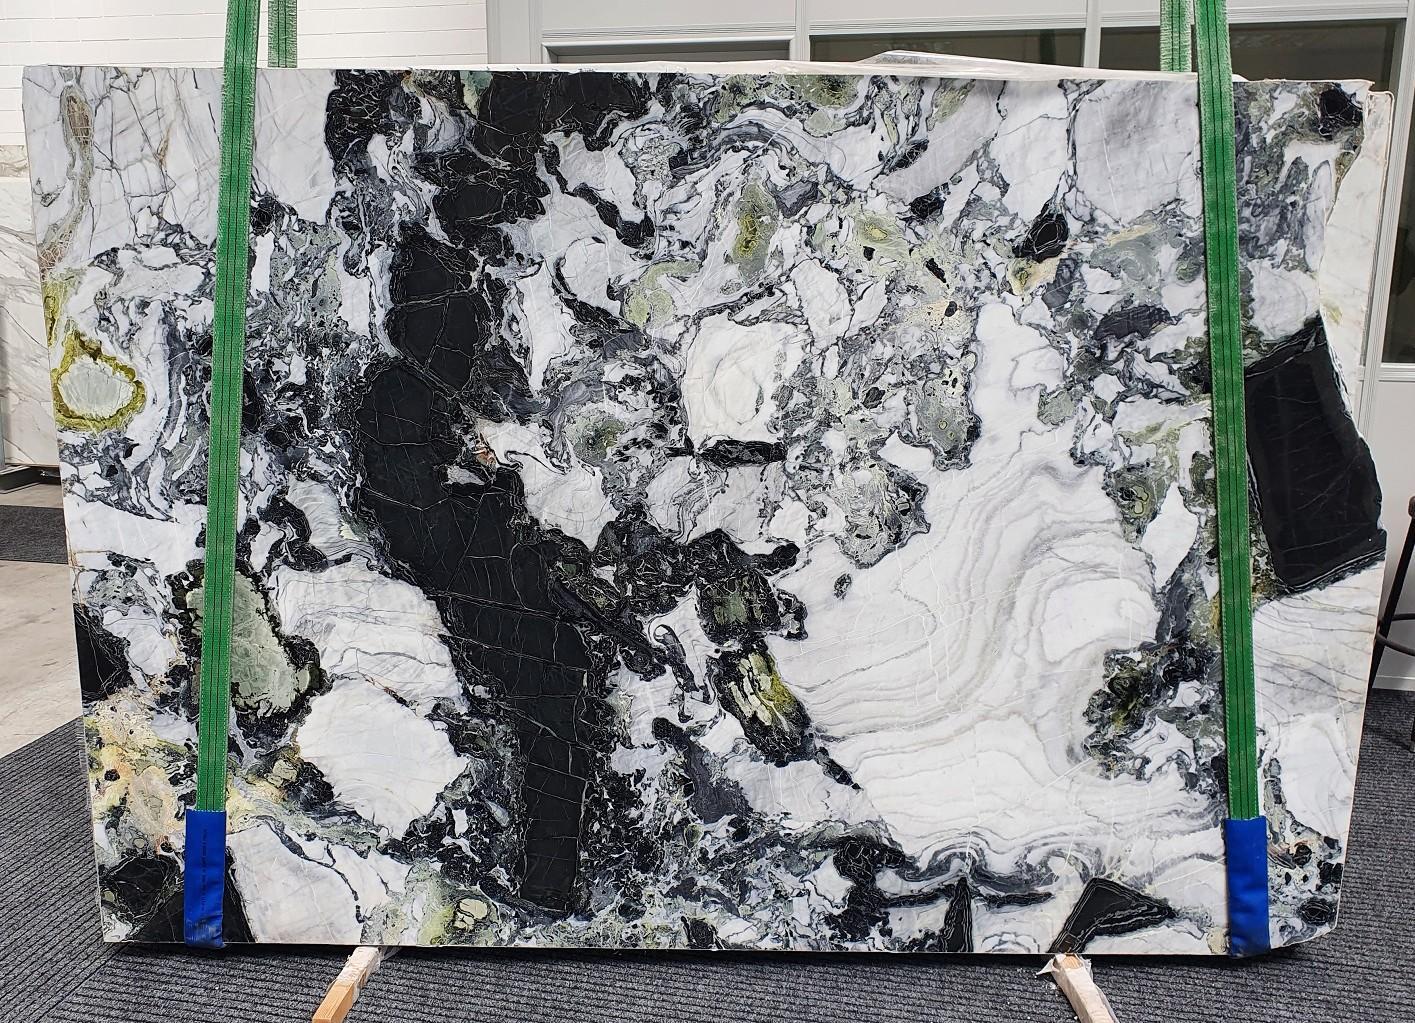 AMAZONIA polierte Unmaßplatten 1386 aus Natur Marmor , Slab #71: Lieferung Veneto, Italien